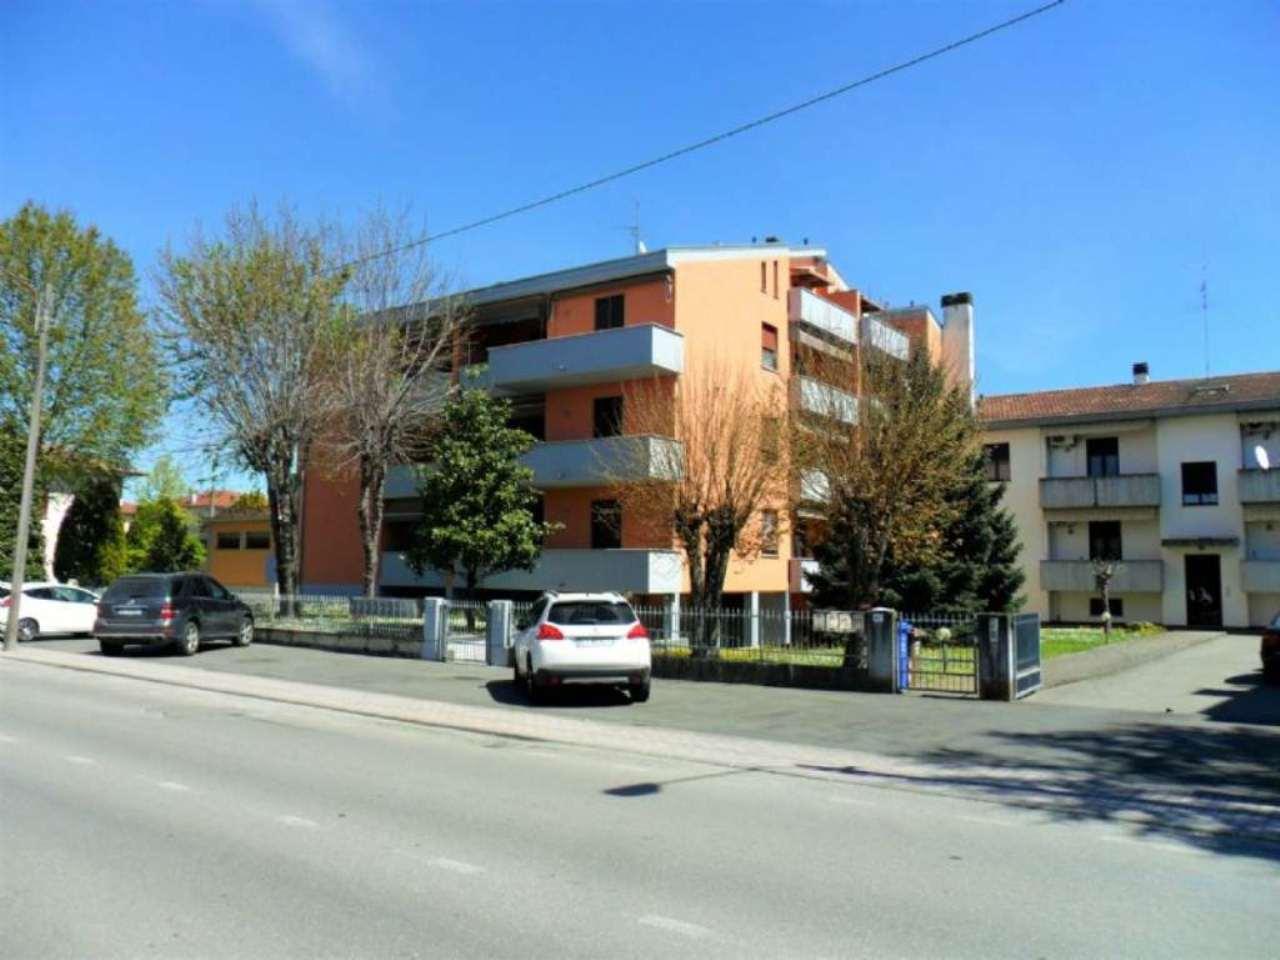 Appartamento in vendita a Fontevivo, 3 locali, prezzo € 125.000 | Cambio Casa.it